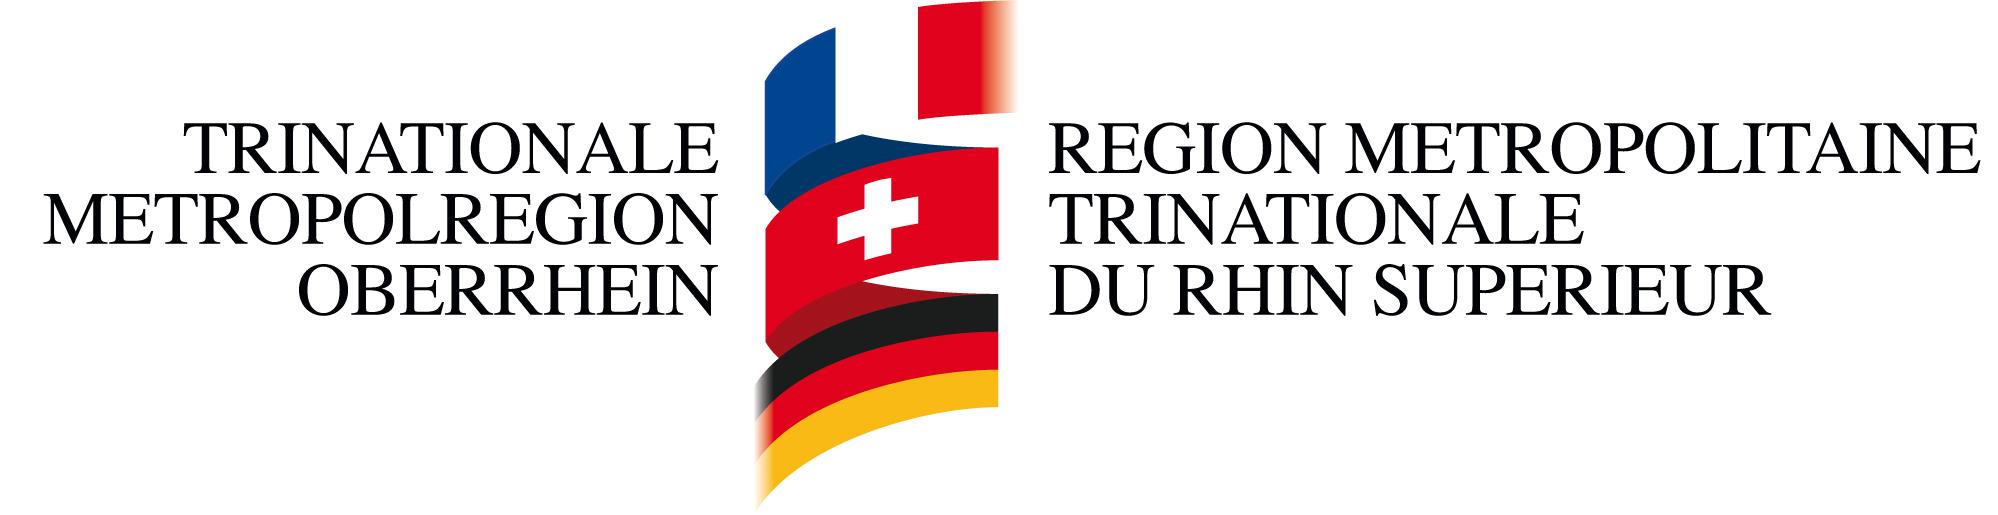 Région Métropolitaine Trinationale du Rhin supérieur